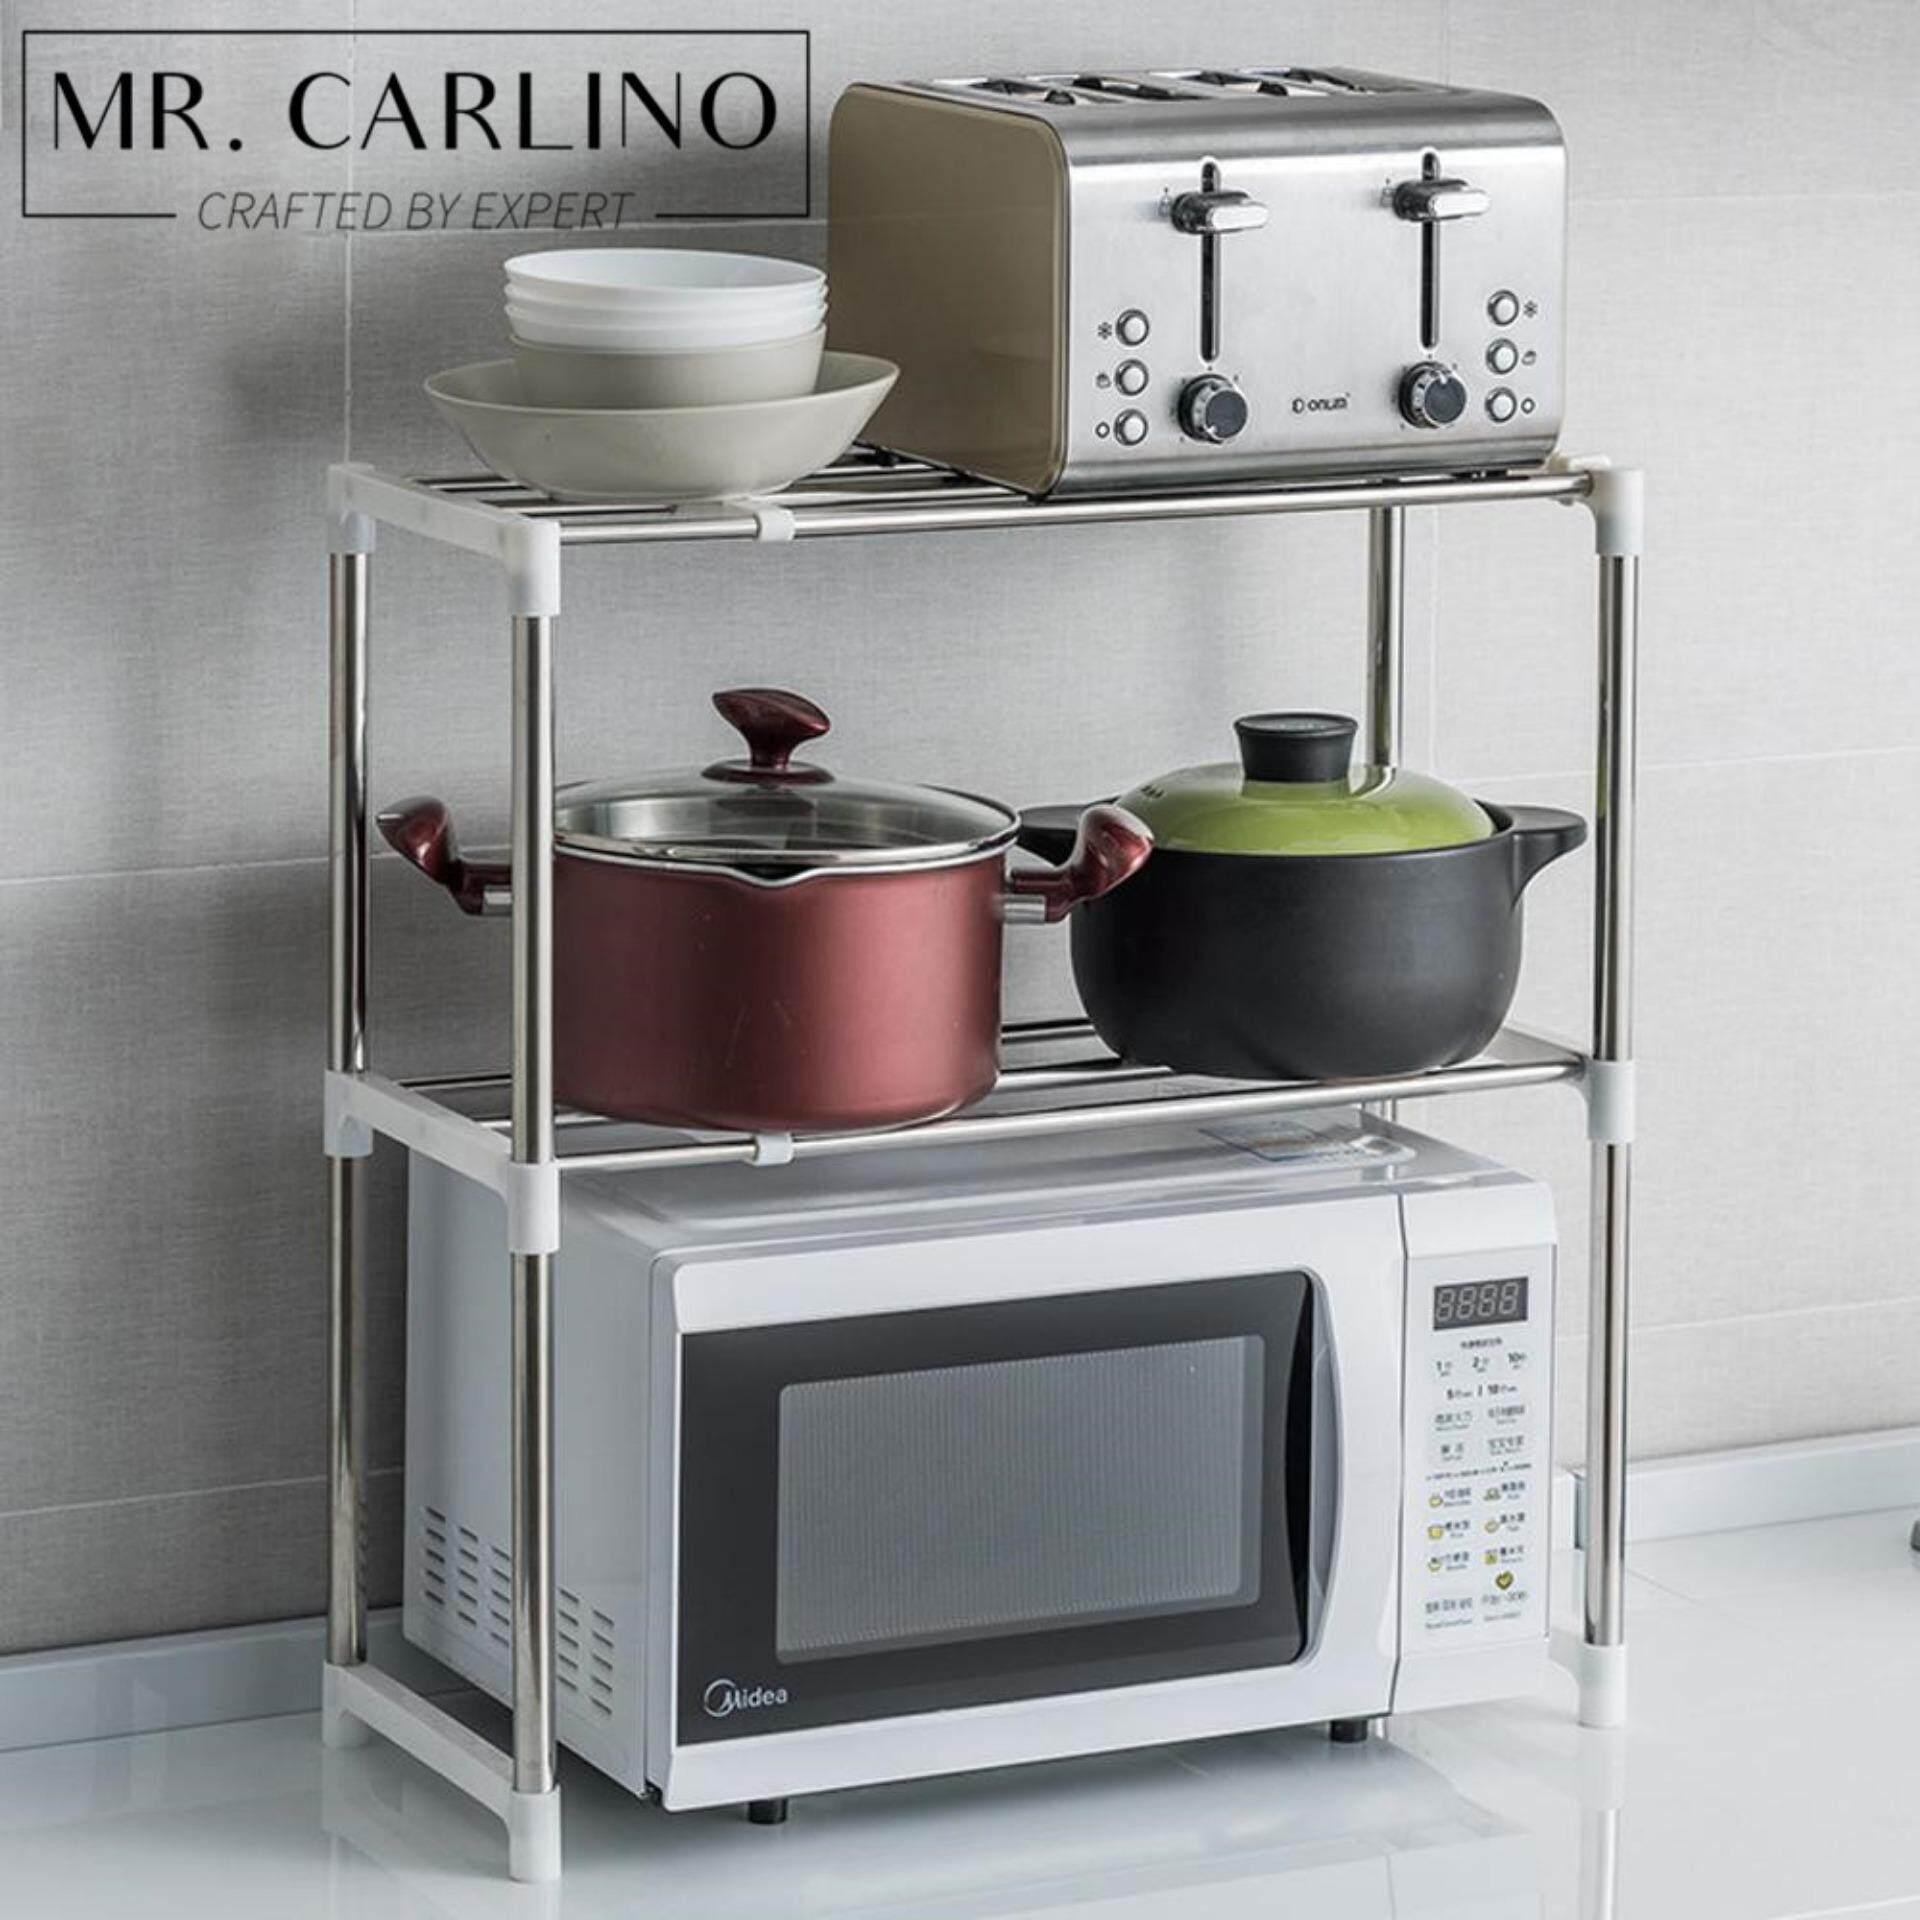 My Home Design: 2 Tiers Kitchen Rack Organizer ชั้นวางของ ชั้นวางเครื่องครัว คุณภาพดี.